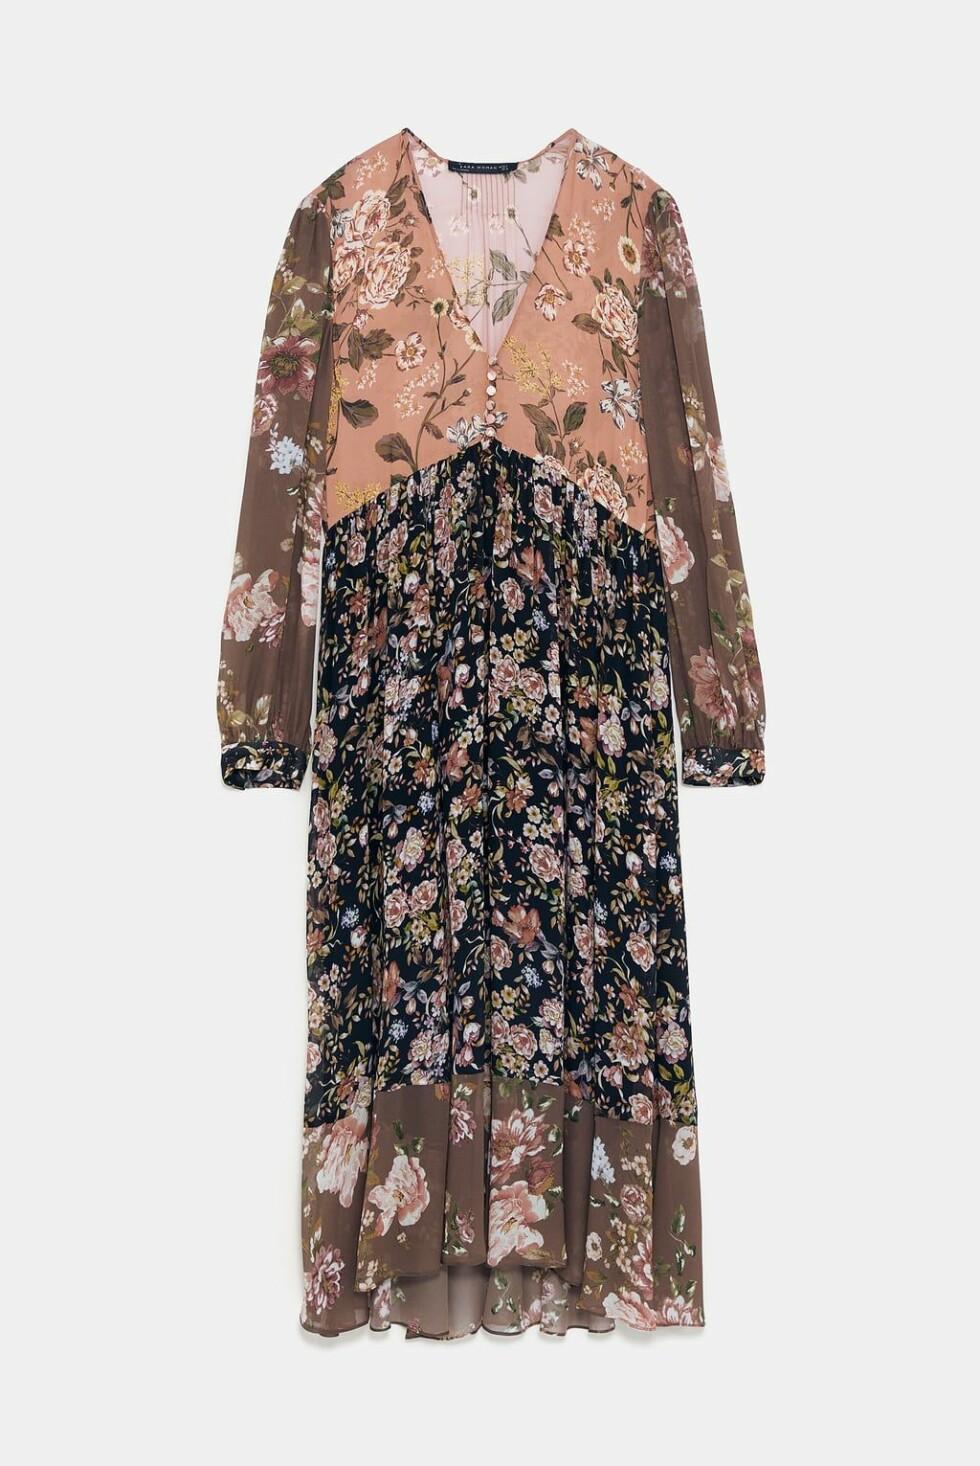 Kjole fra Zara |500,-| https://www.zara.com/no/no/kjole-med-blomsterm%C3%B8nster-p08076727.html?v1=7127050&v2=1177660